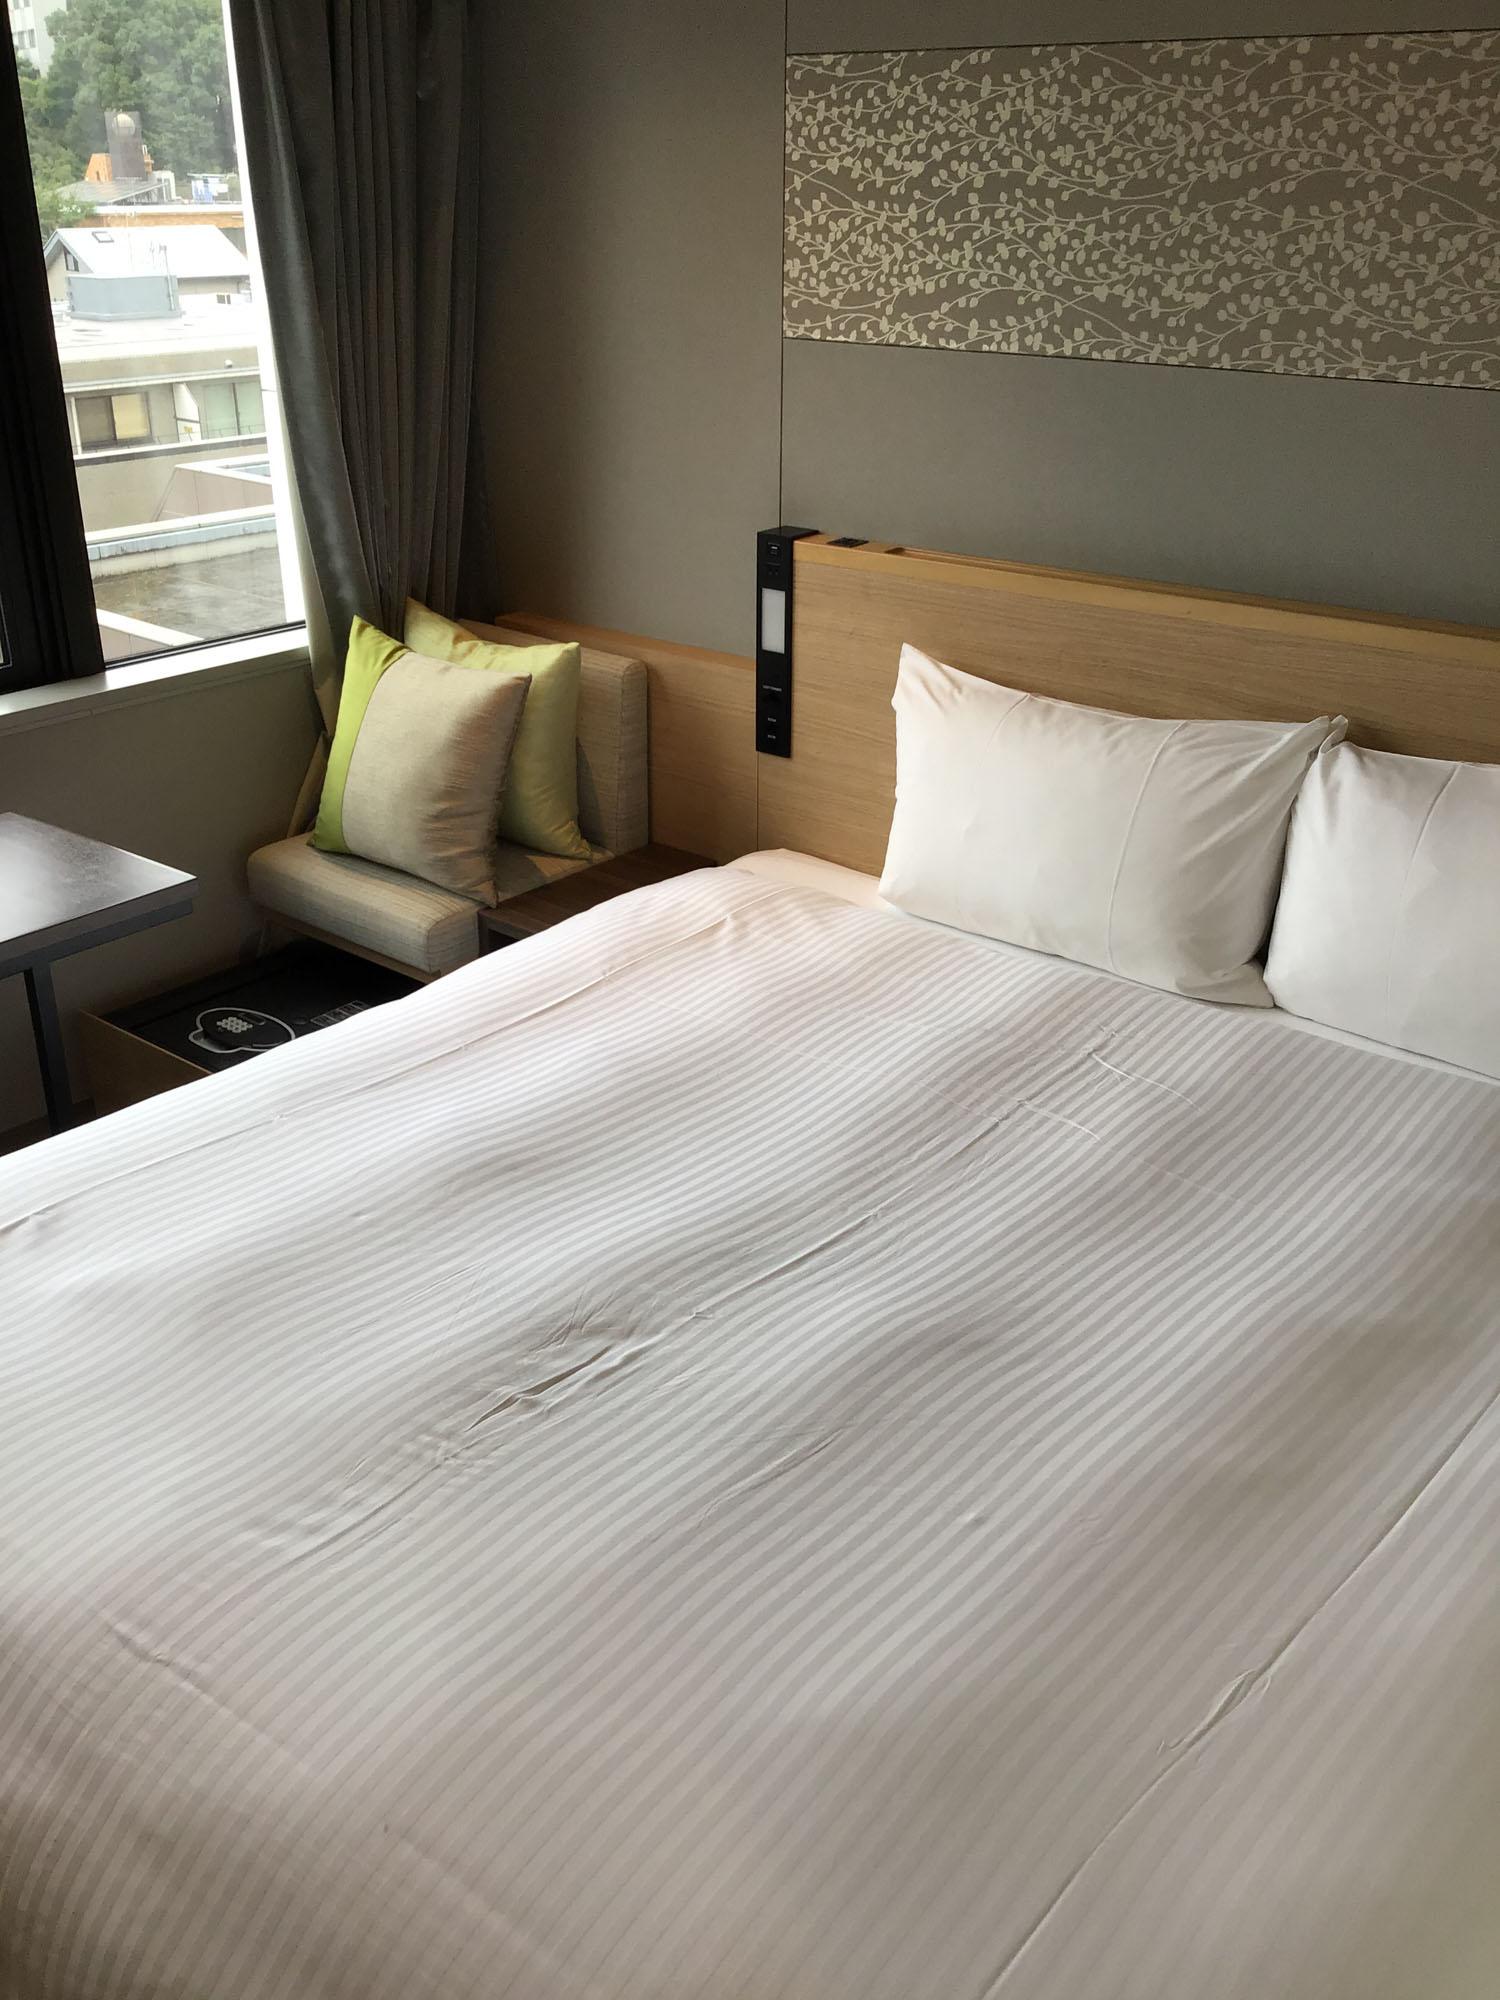 お部屋のデザインもかっこいい。複数のお部屋タイプがあるので、予算に合わせて選べますよ。